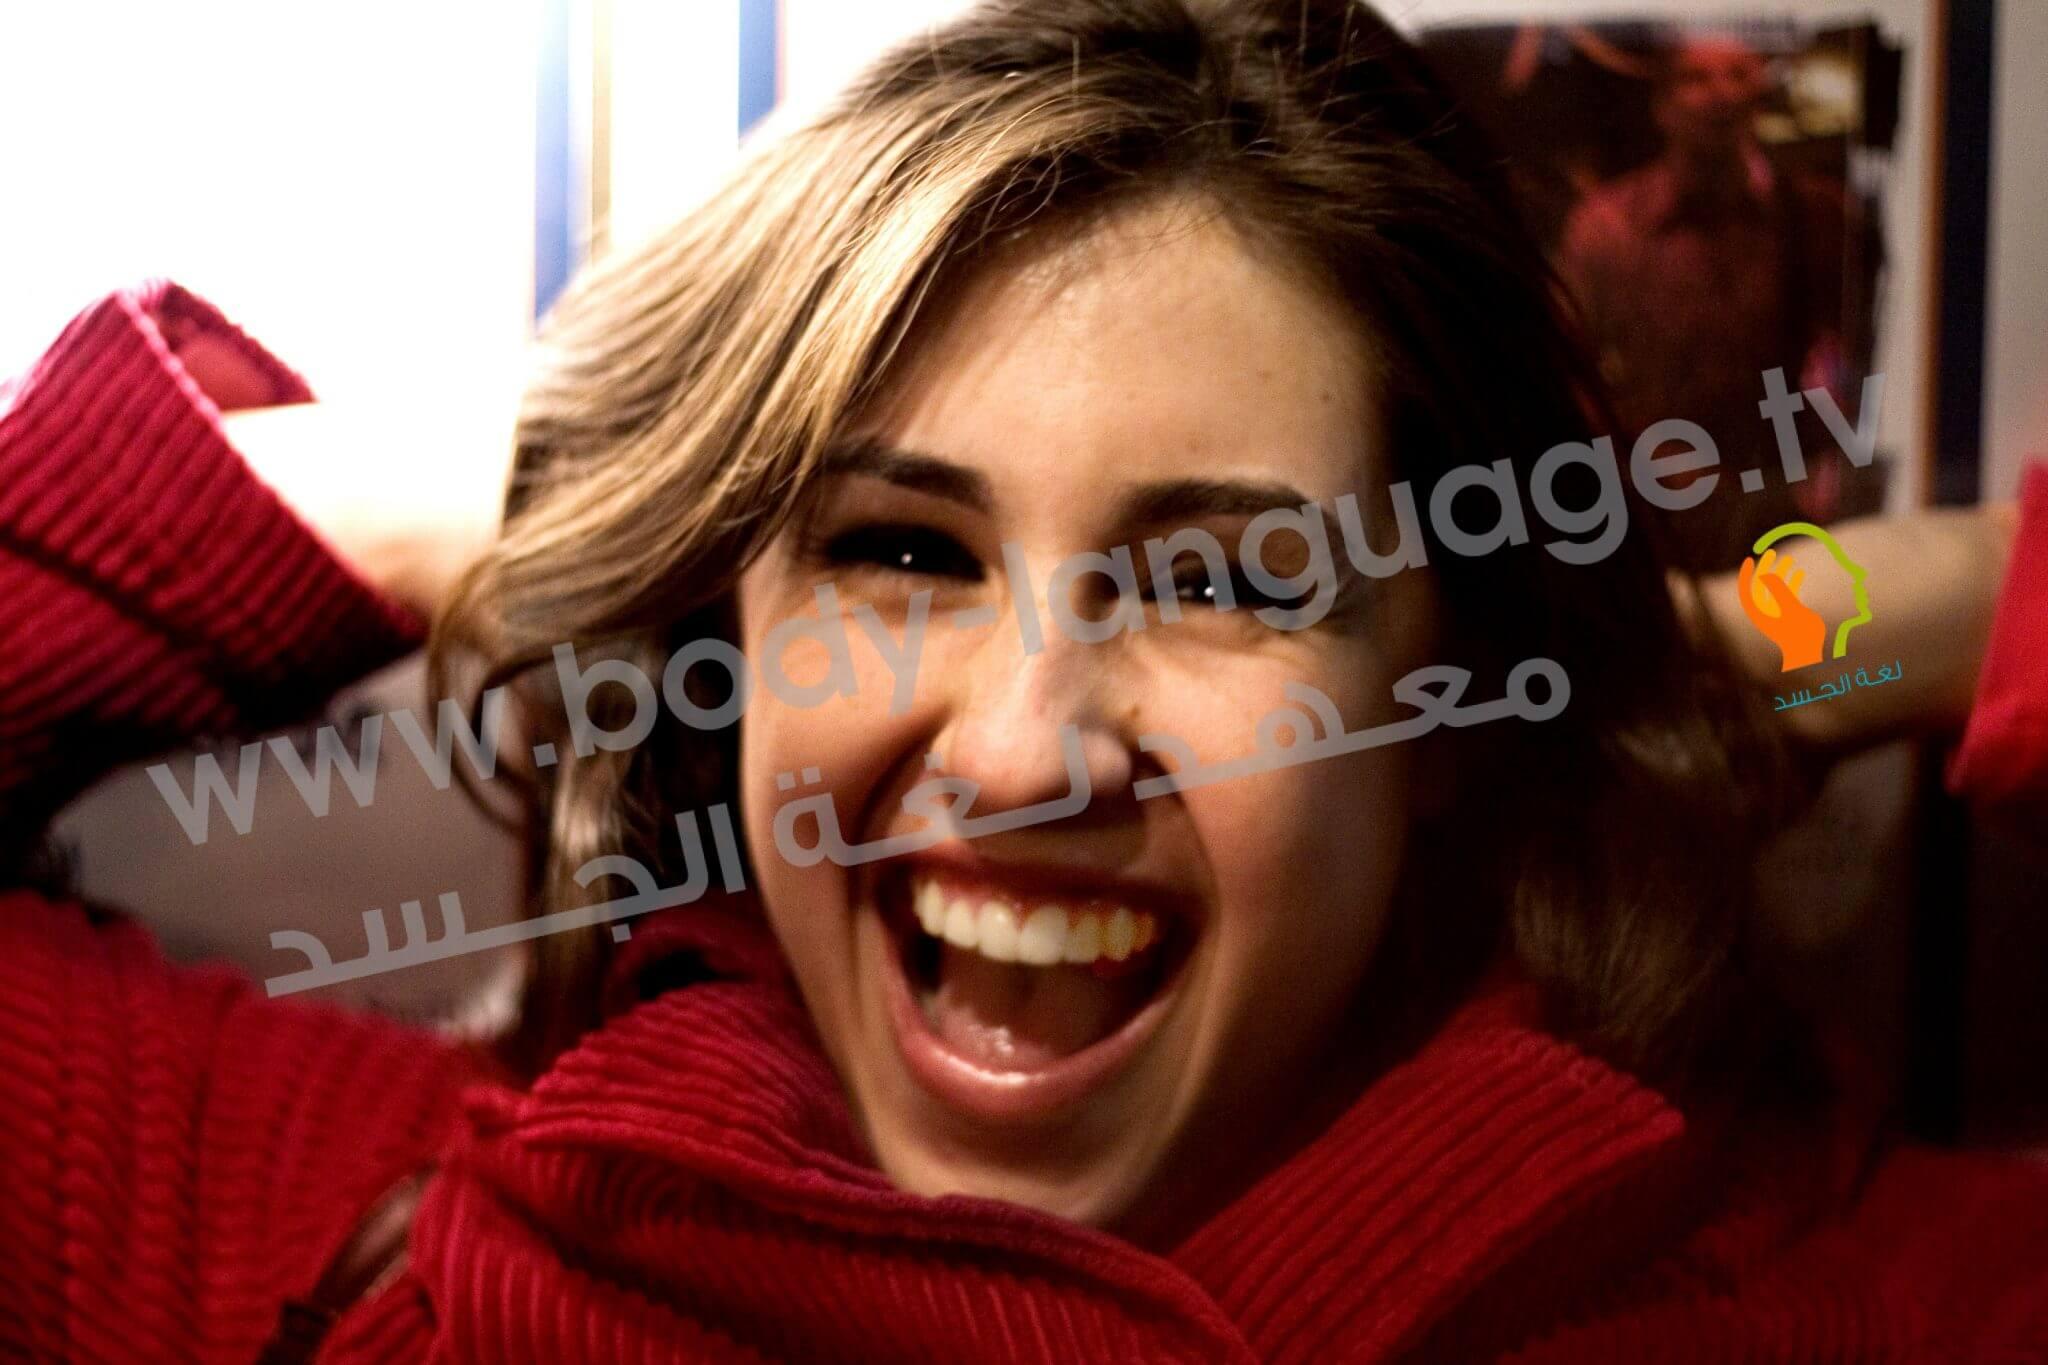 الابتسامة في لغة الجسد